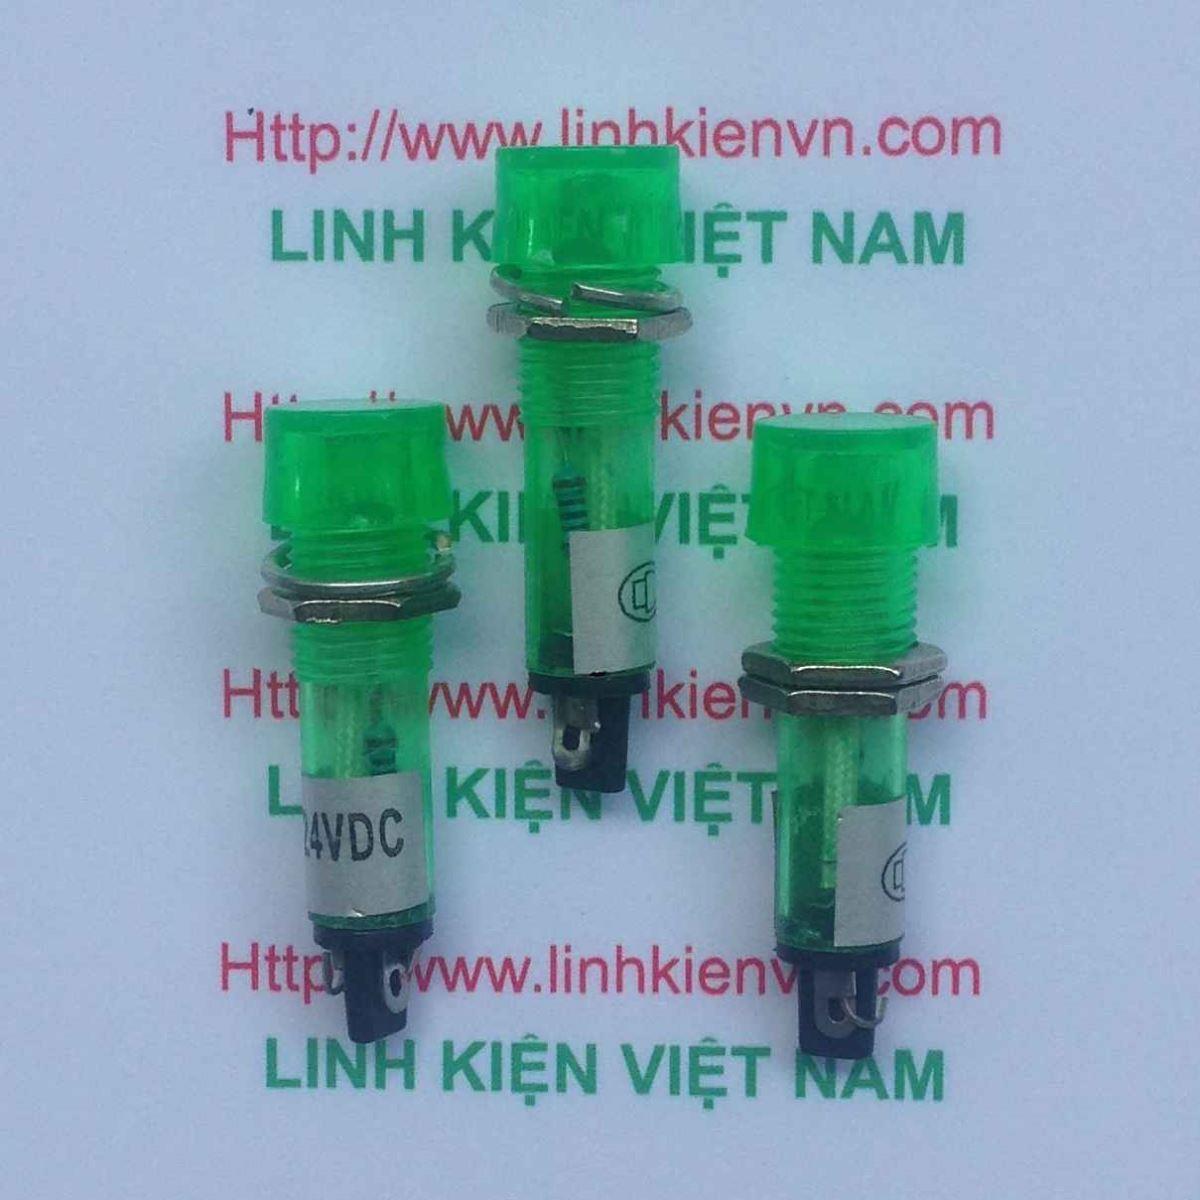 Led nguồn XD10-3 24V 10mm màu xanh / Led tủ điện 24V / Đèn 24V - G8H13